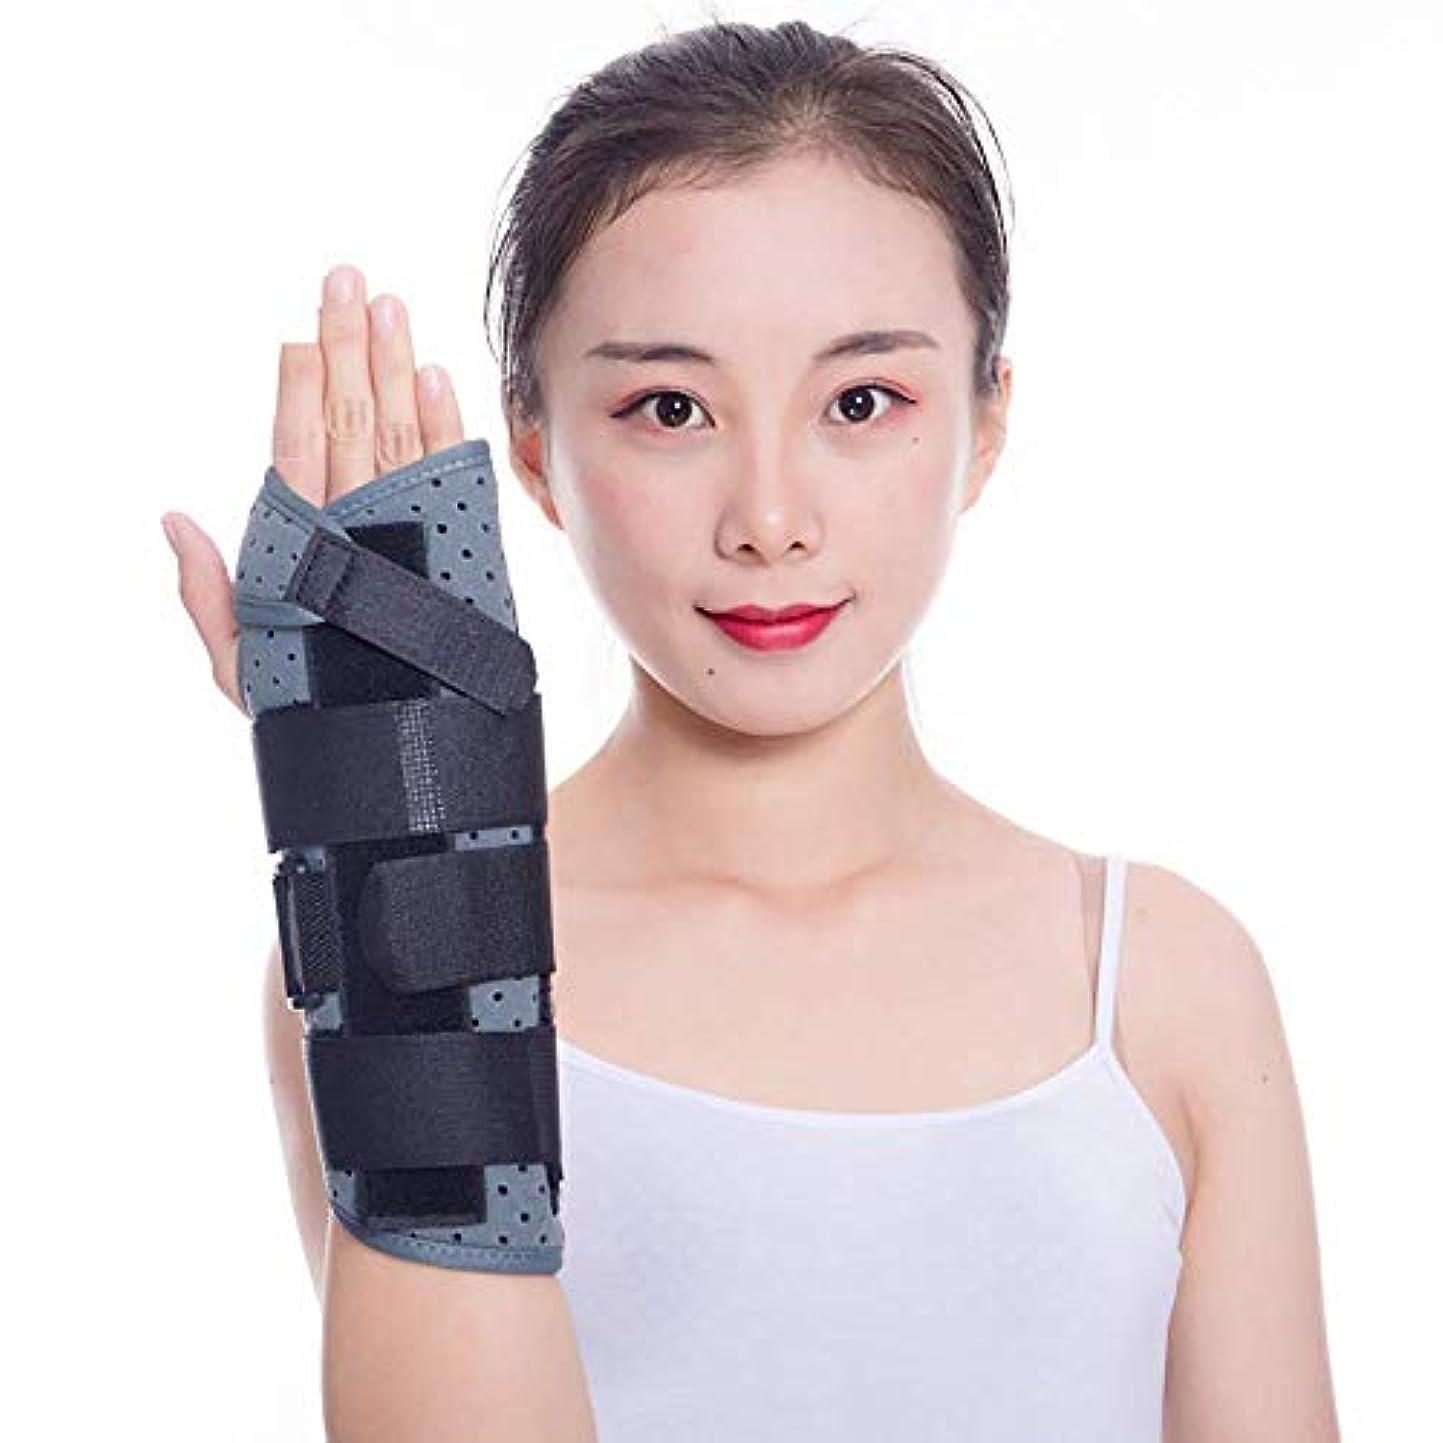 無一文放置読みやすい手根管手首支柱 - 男性と女性、腱炎、関節炎、壊れた、スポーツのけがの痛みを軽減するための夜間の睡眠中の手首のサポート,Left,L